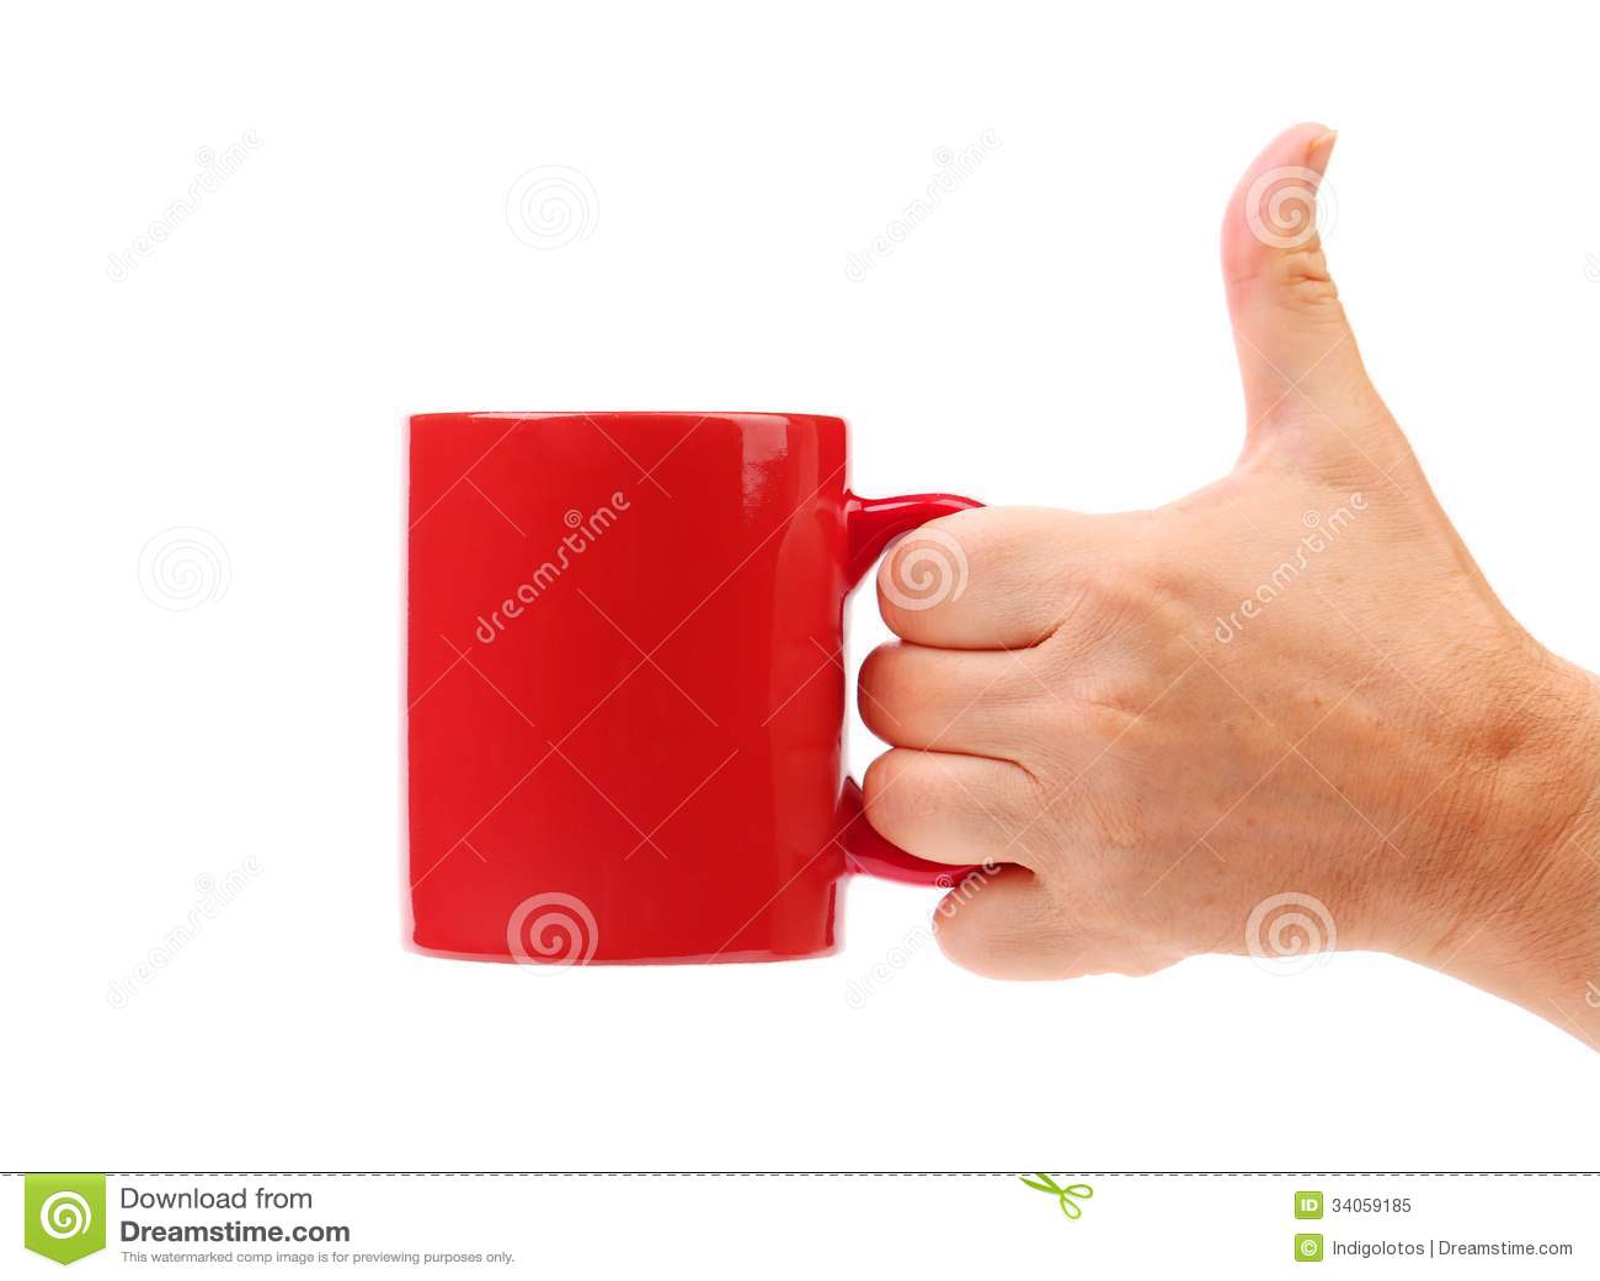 De rode mok van de handgreep.